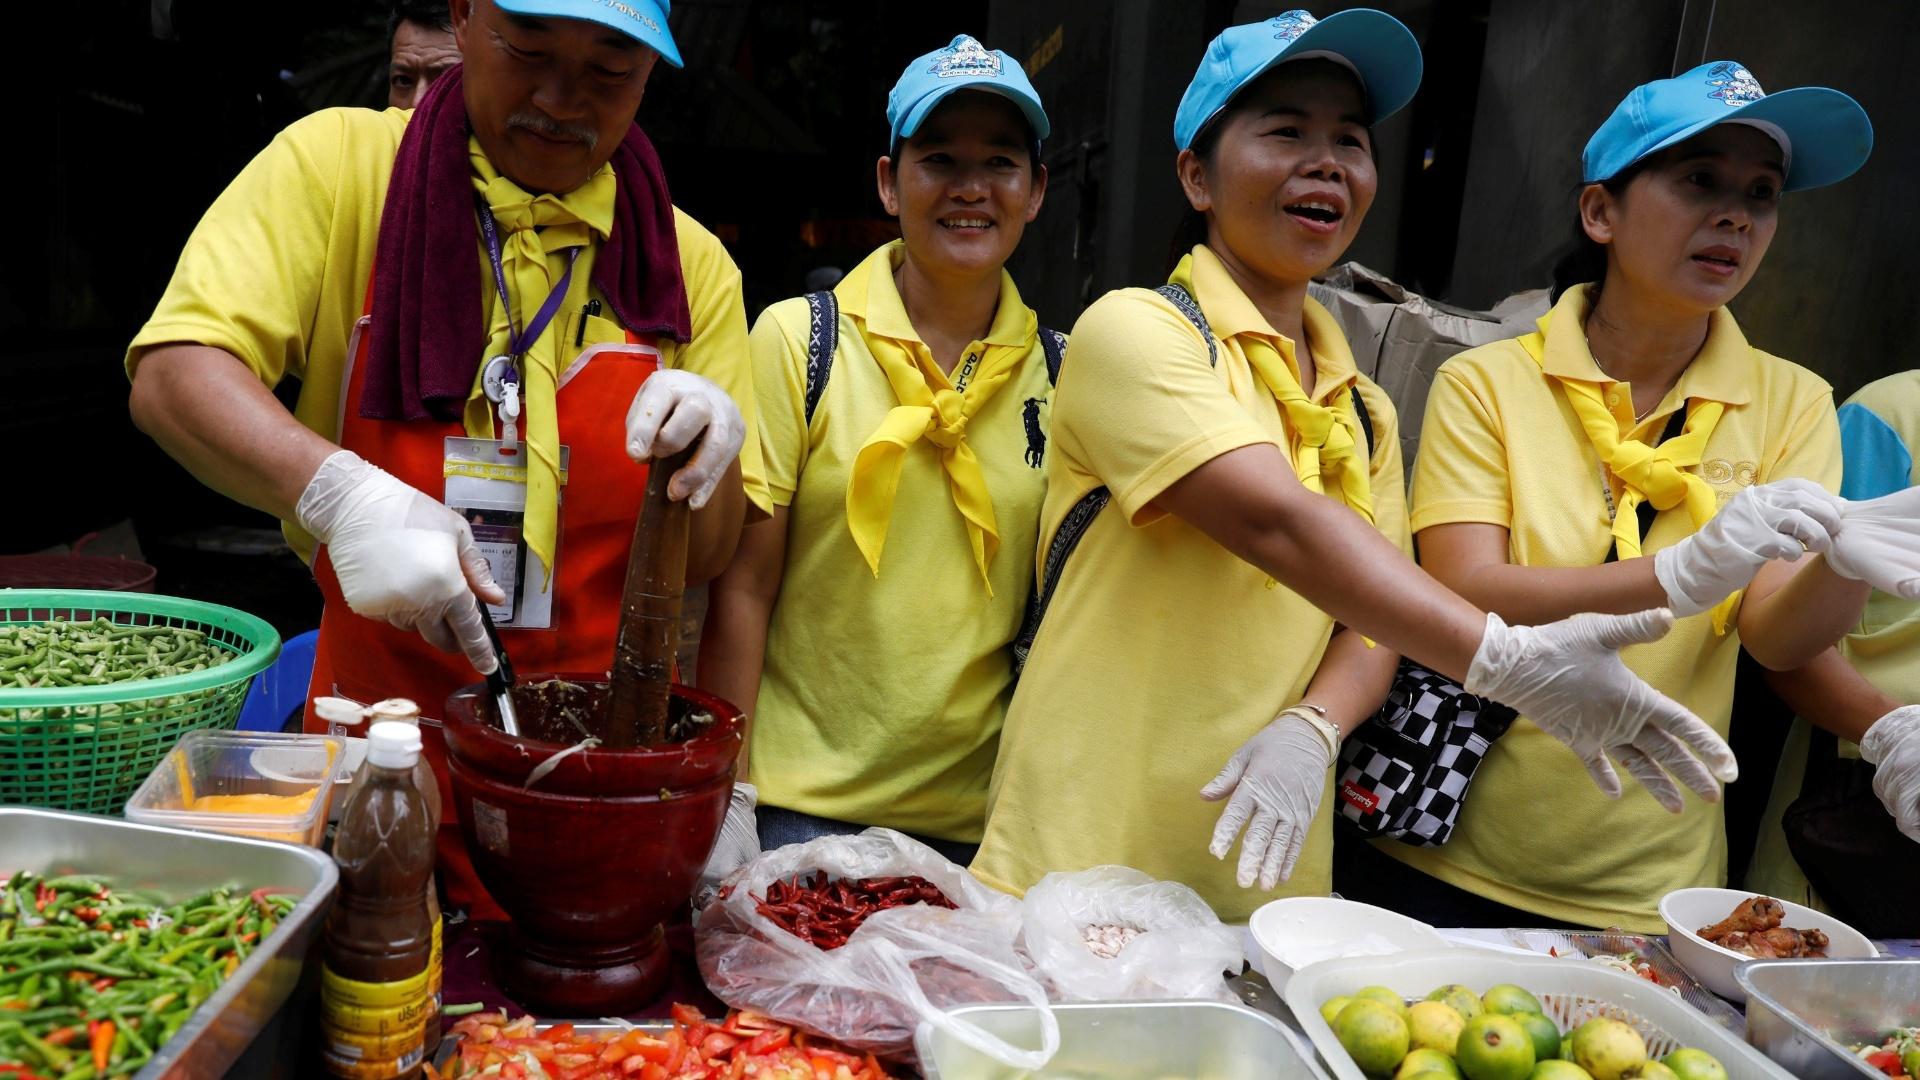 7.jul.2018 - Voluntários entregam comida grátis para equipes de resgate perto do complexo de cavernas de Tham Luang